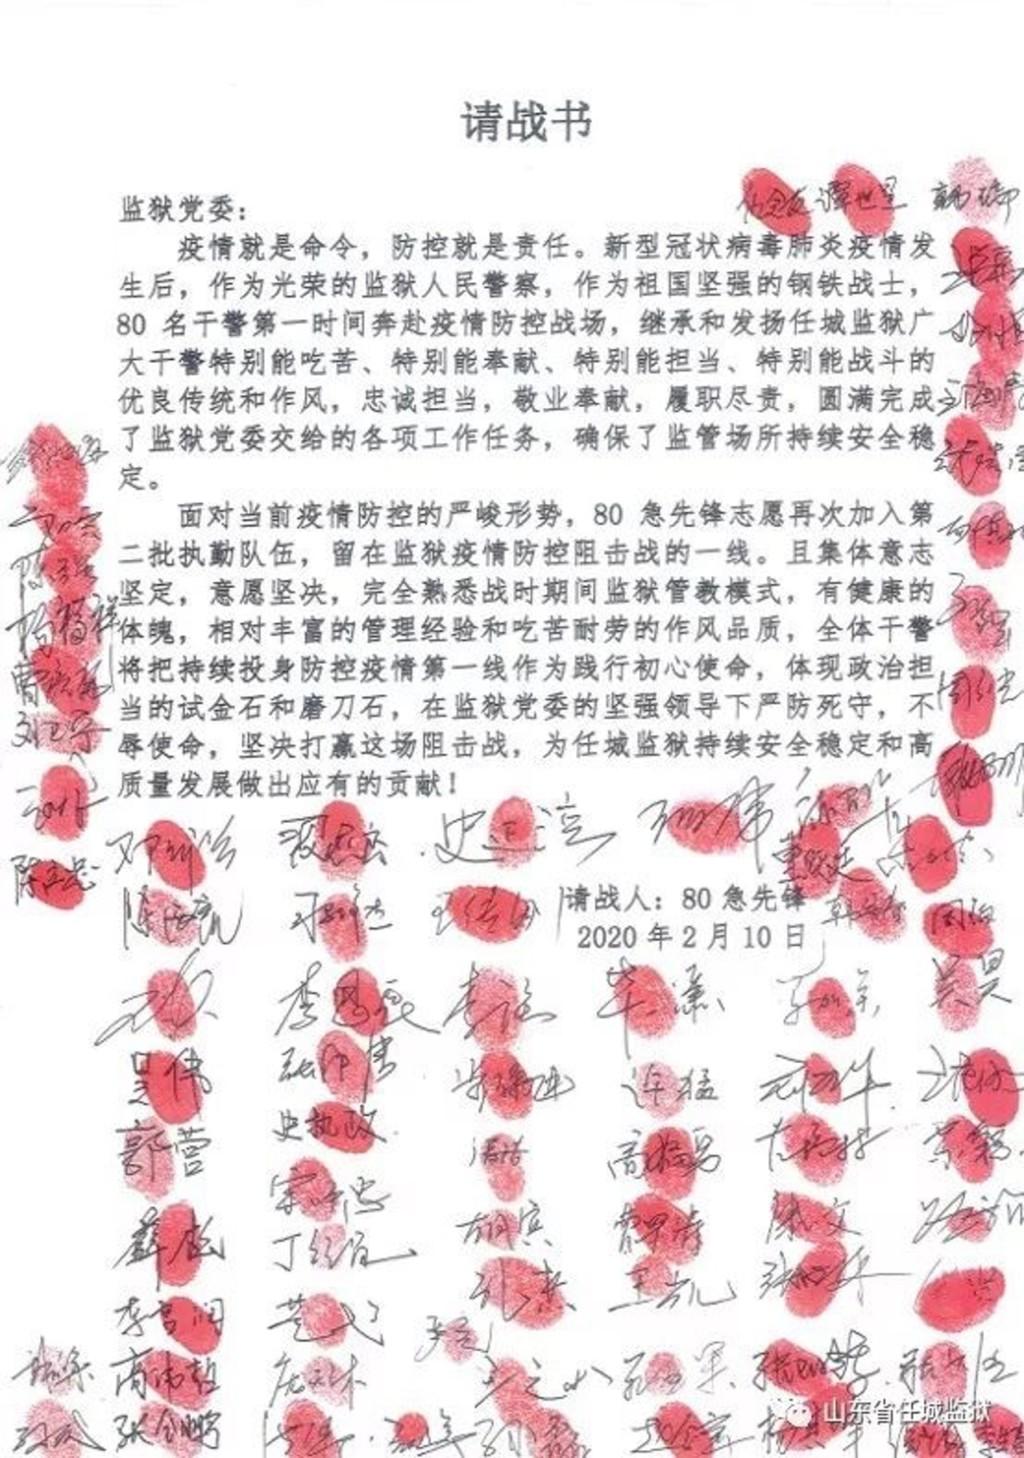 「中國監獄」武肺爆發累計512例 員警簽「請戰書」自願留守:疫情就是命令!